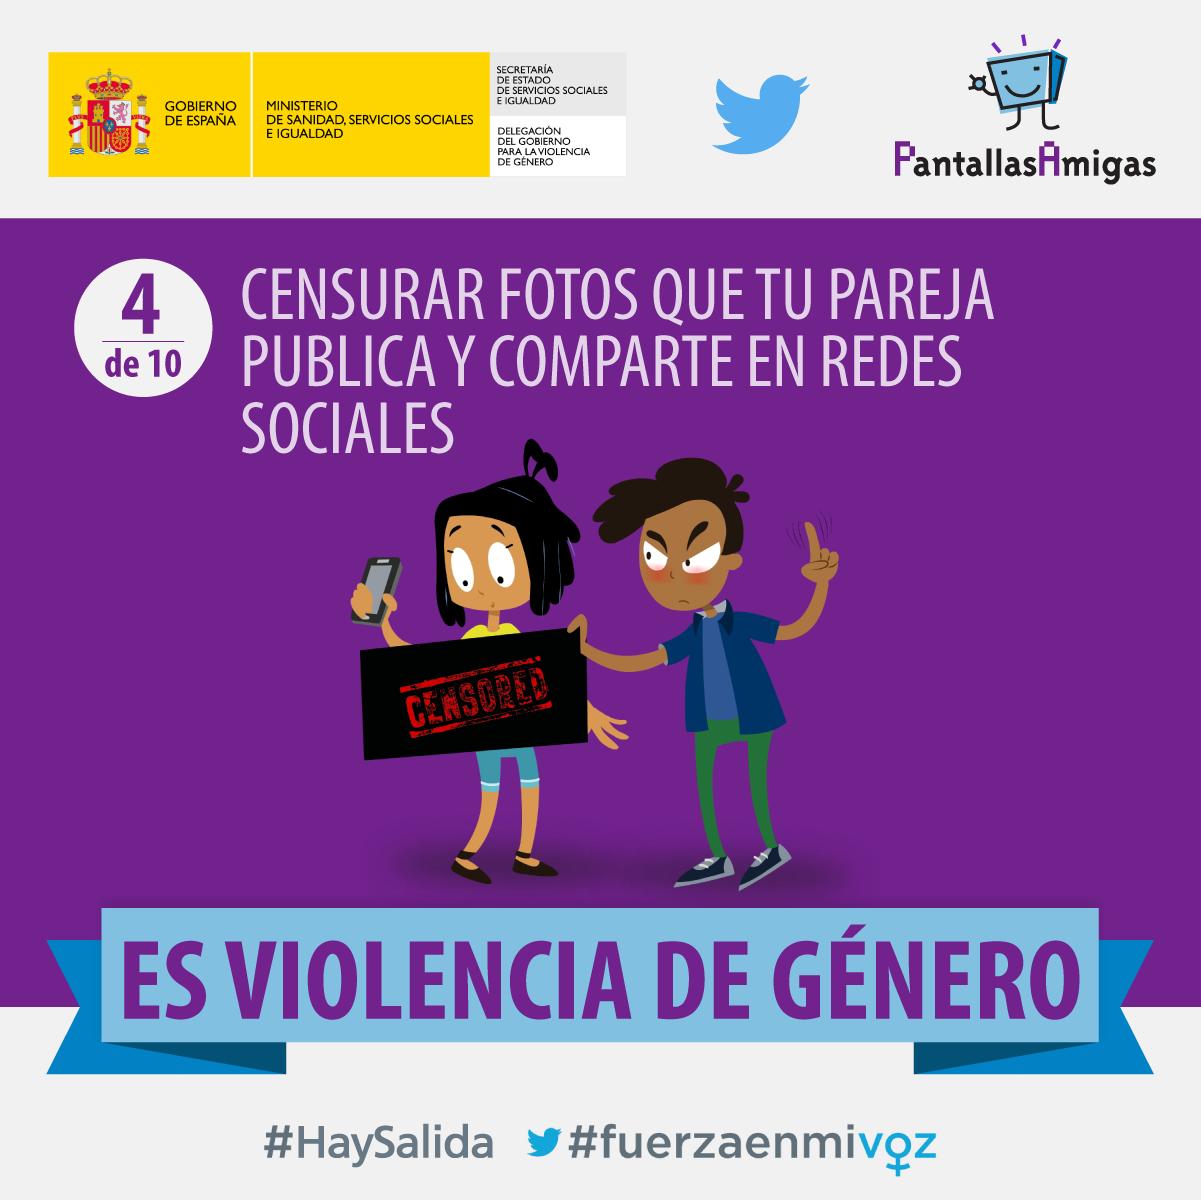 10-FORMAS-VIOLENCIA-DE-GÉNERO-DIGITAL_04_10_Censurar